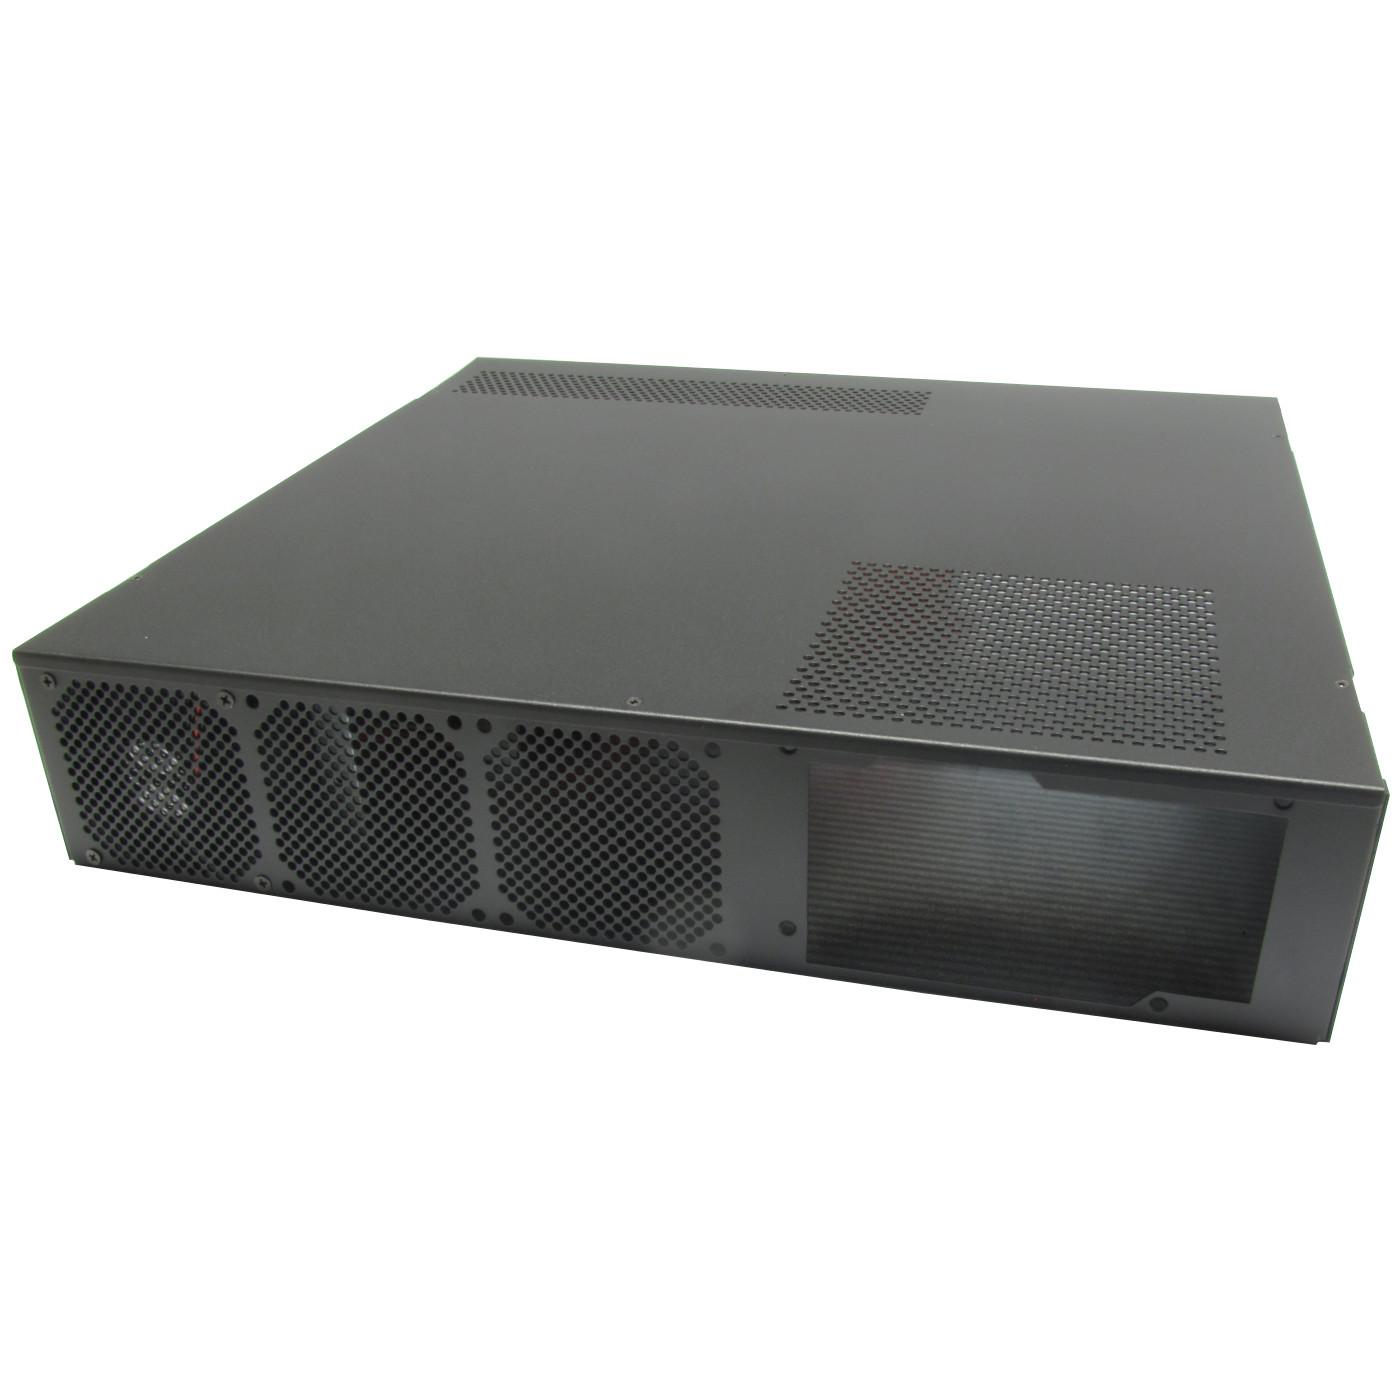 EM-165L/without PSU (2x 5.25